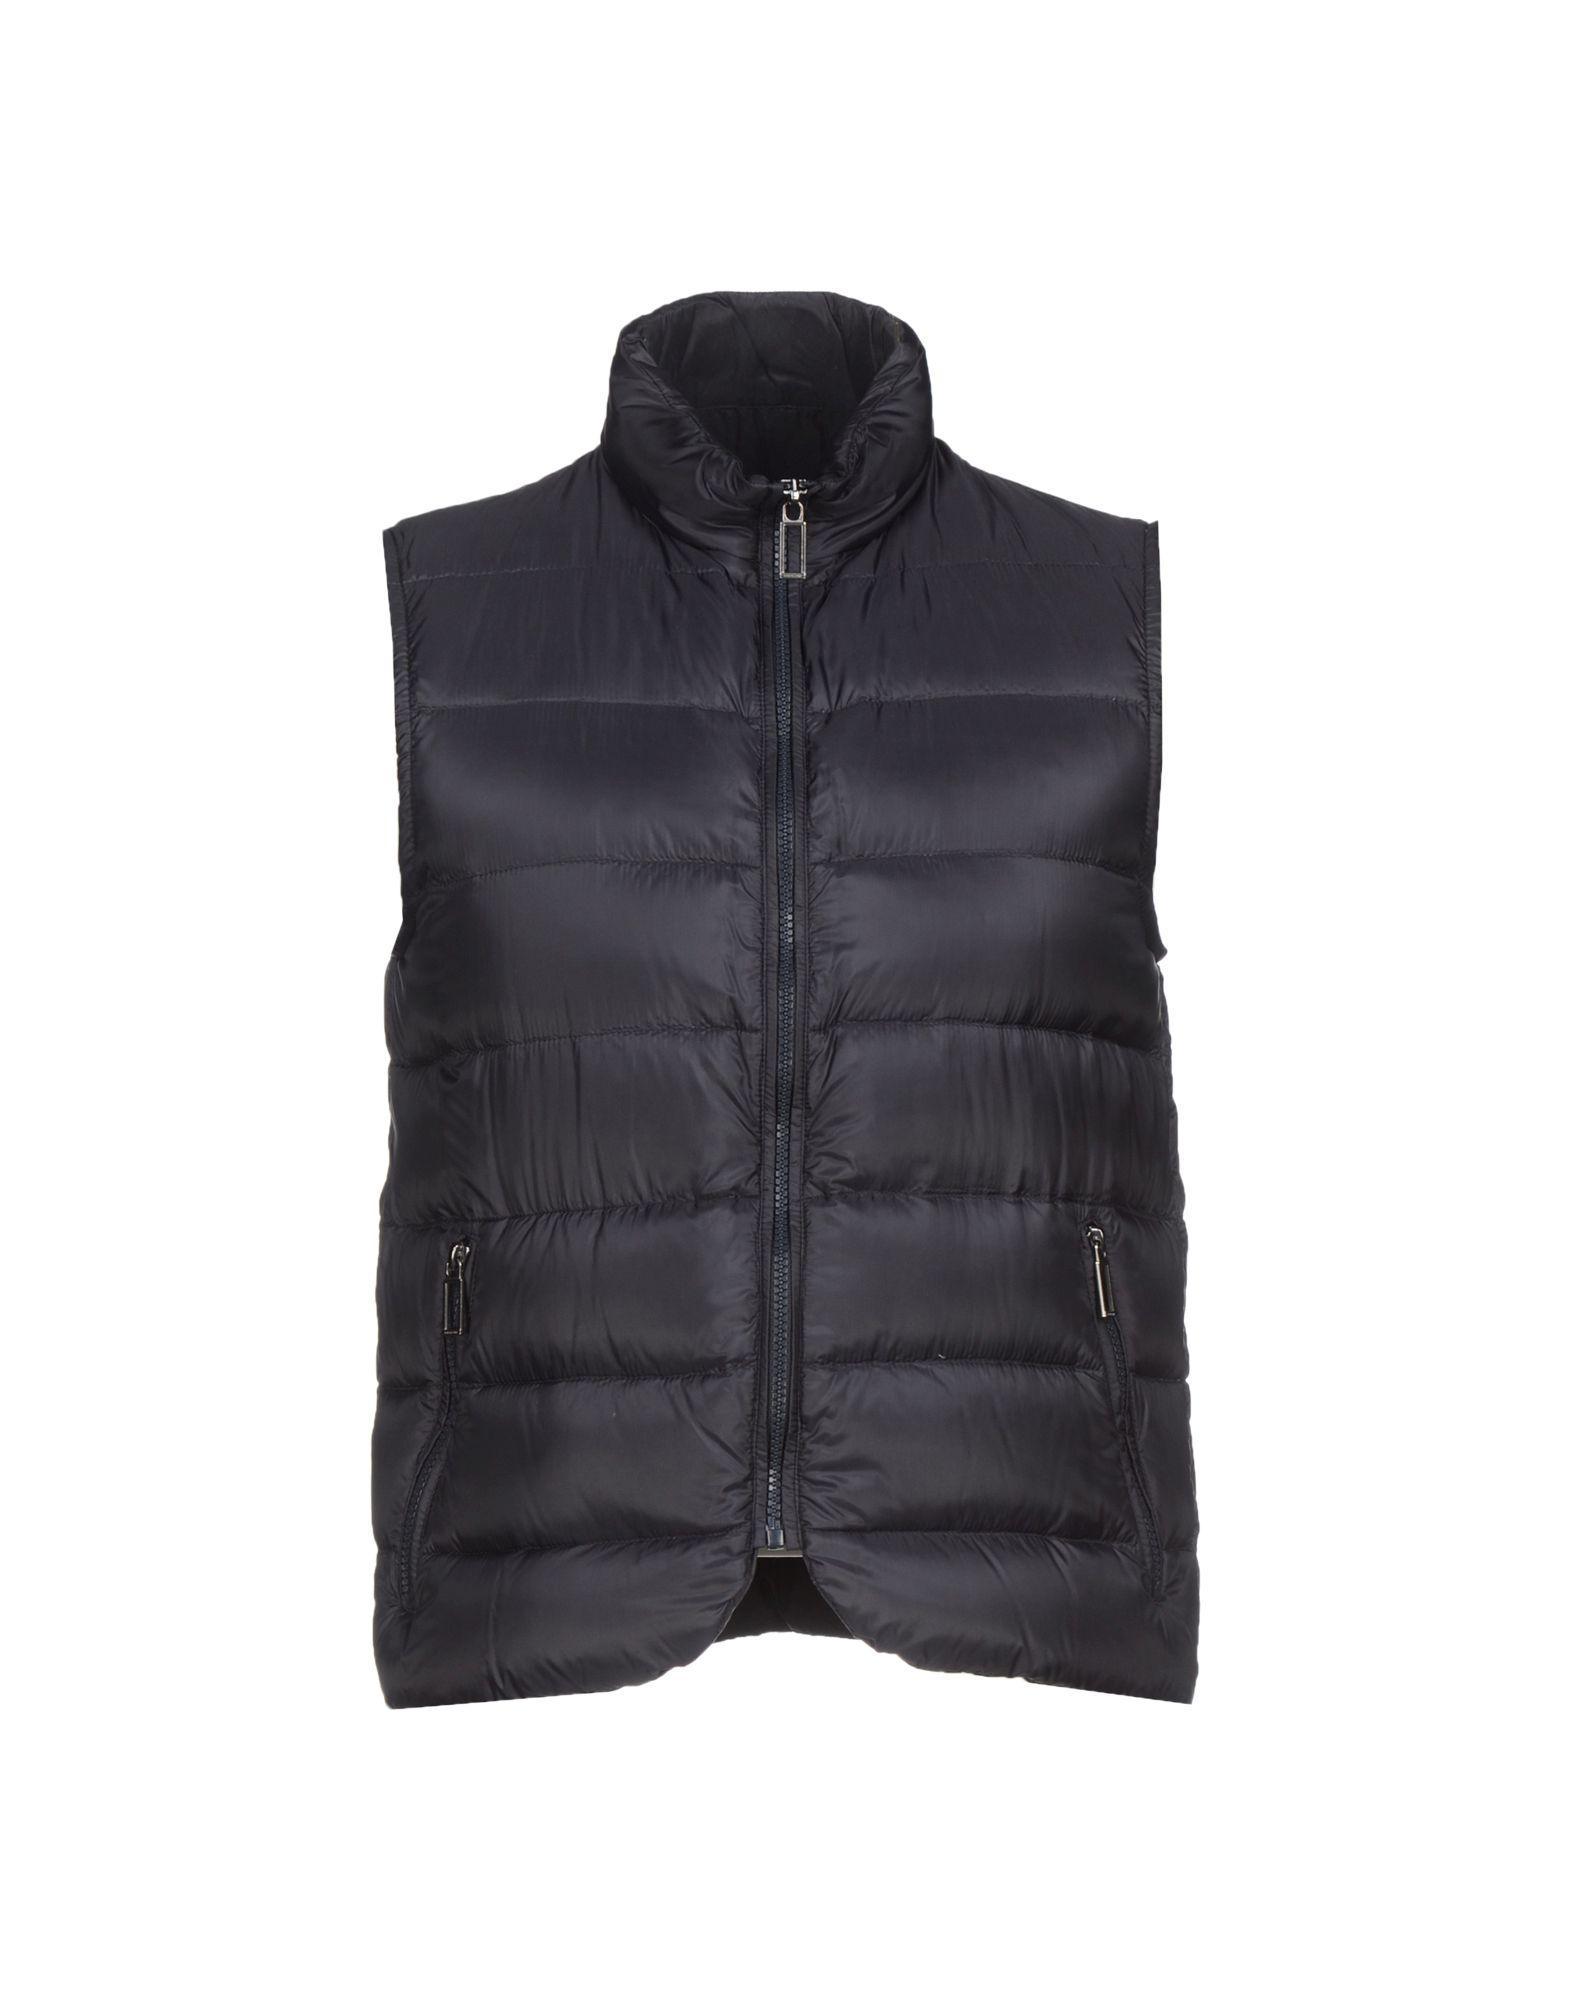 Paoloni Down Jackets In Steel Grey